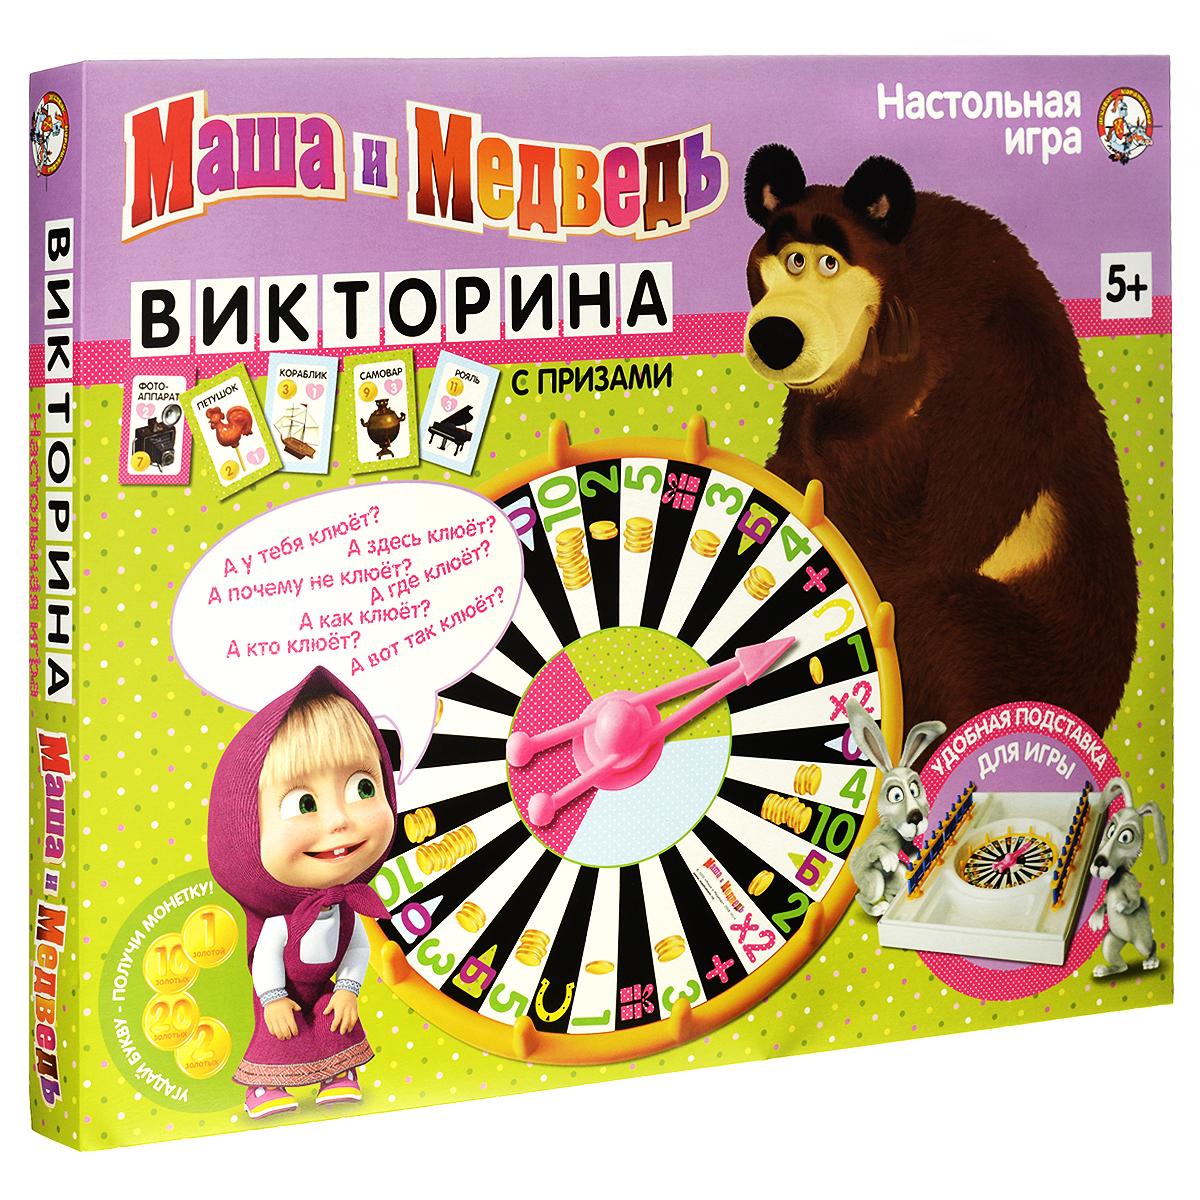 Настольная игра Десятое королевство Викторина Маша и Медведь01615Настольная игра Десятое королевство Викторина Маша и Медведь превратит ваш семейный досуг в настоящий праздник ума и фантазии для всей семьи! А герои всеми любимого детского мультсериала Маша и Медведь помогут вам в этом. Два варианта игры, барабан, табло, буквы, призы – все для того, чтобы вам было весело и удобно! А тех, кто не умеет, игра с успехом учит читать, считать, виртуозно выражать свои и угадывать чужие мысли. Цель каждого игрока - получить как можно больше призов и заработать как можно больше очков. Игроки, набравшие равное количество очков, делят между собой соответствующее место. Комплект игры включает барабан-рулетку, игровое поле, 4 табло, 70 картонных монет, 2 комплекта карточек букв, 36 карточек-призов и правила игры на русском языке.